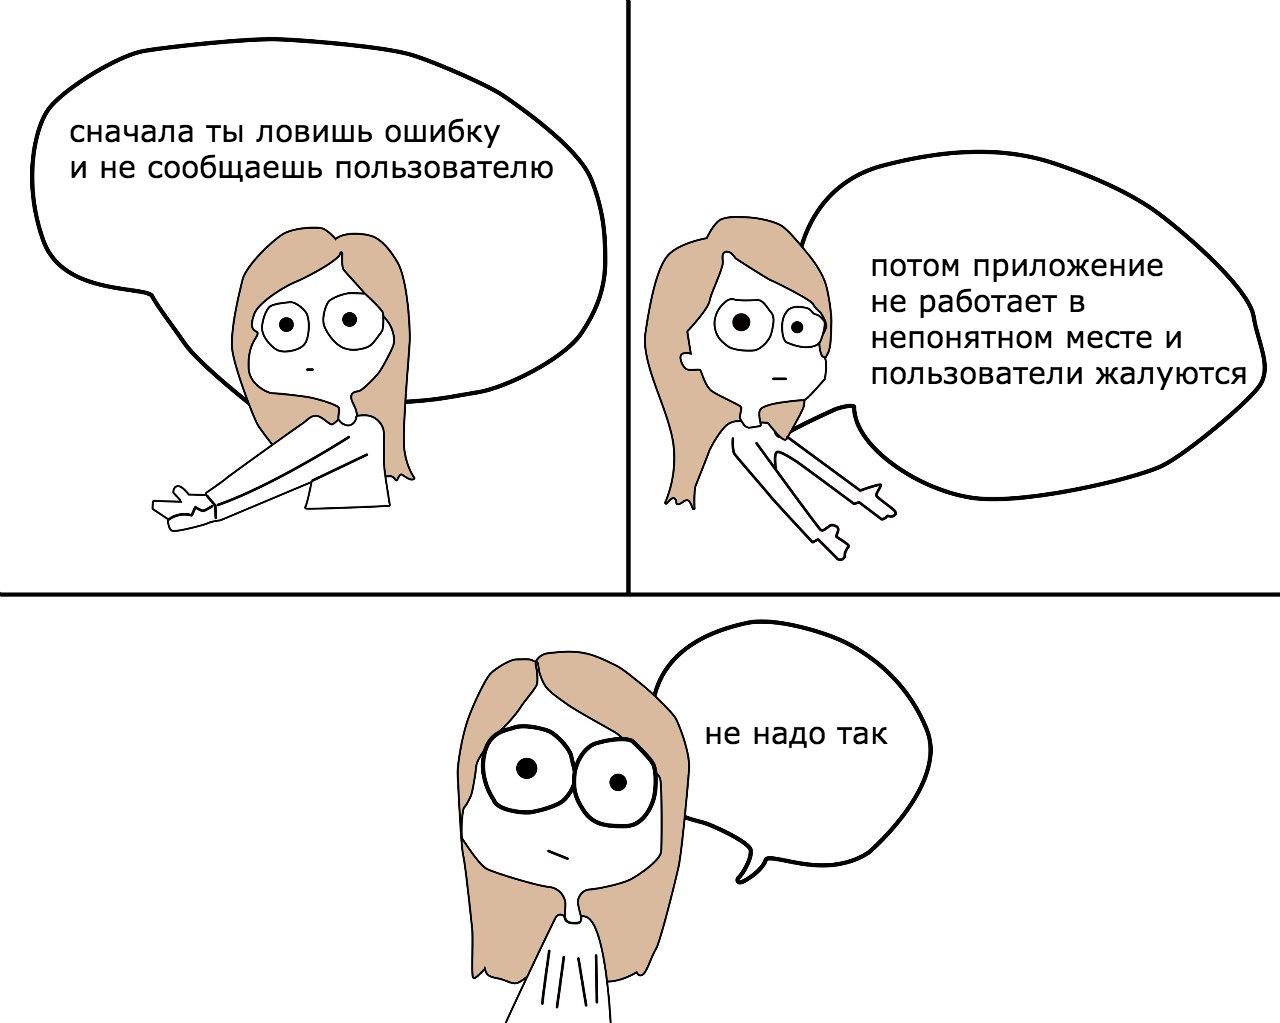 Сначала ломалась потом дала русское 4 фотография